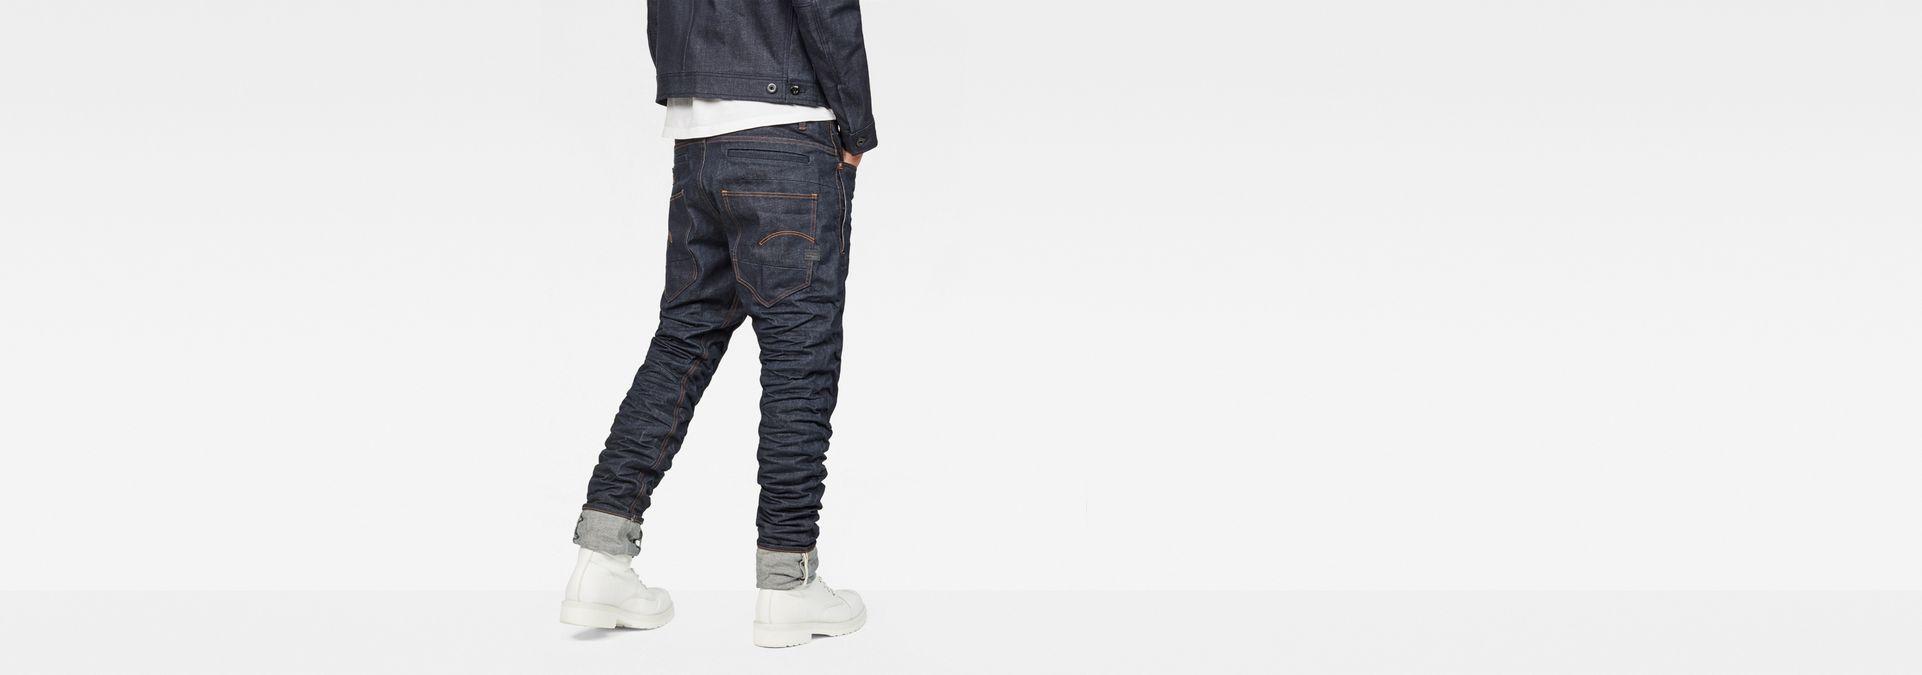 82e17d5122e ... G-Star RAW® Raw Essentials Staq 3D Tapered Jeans Dark blue ...